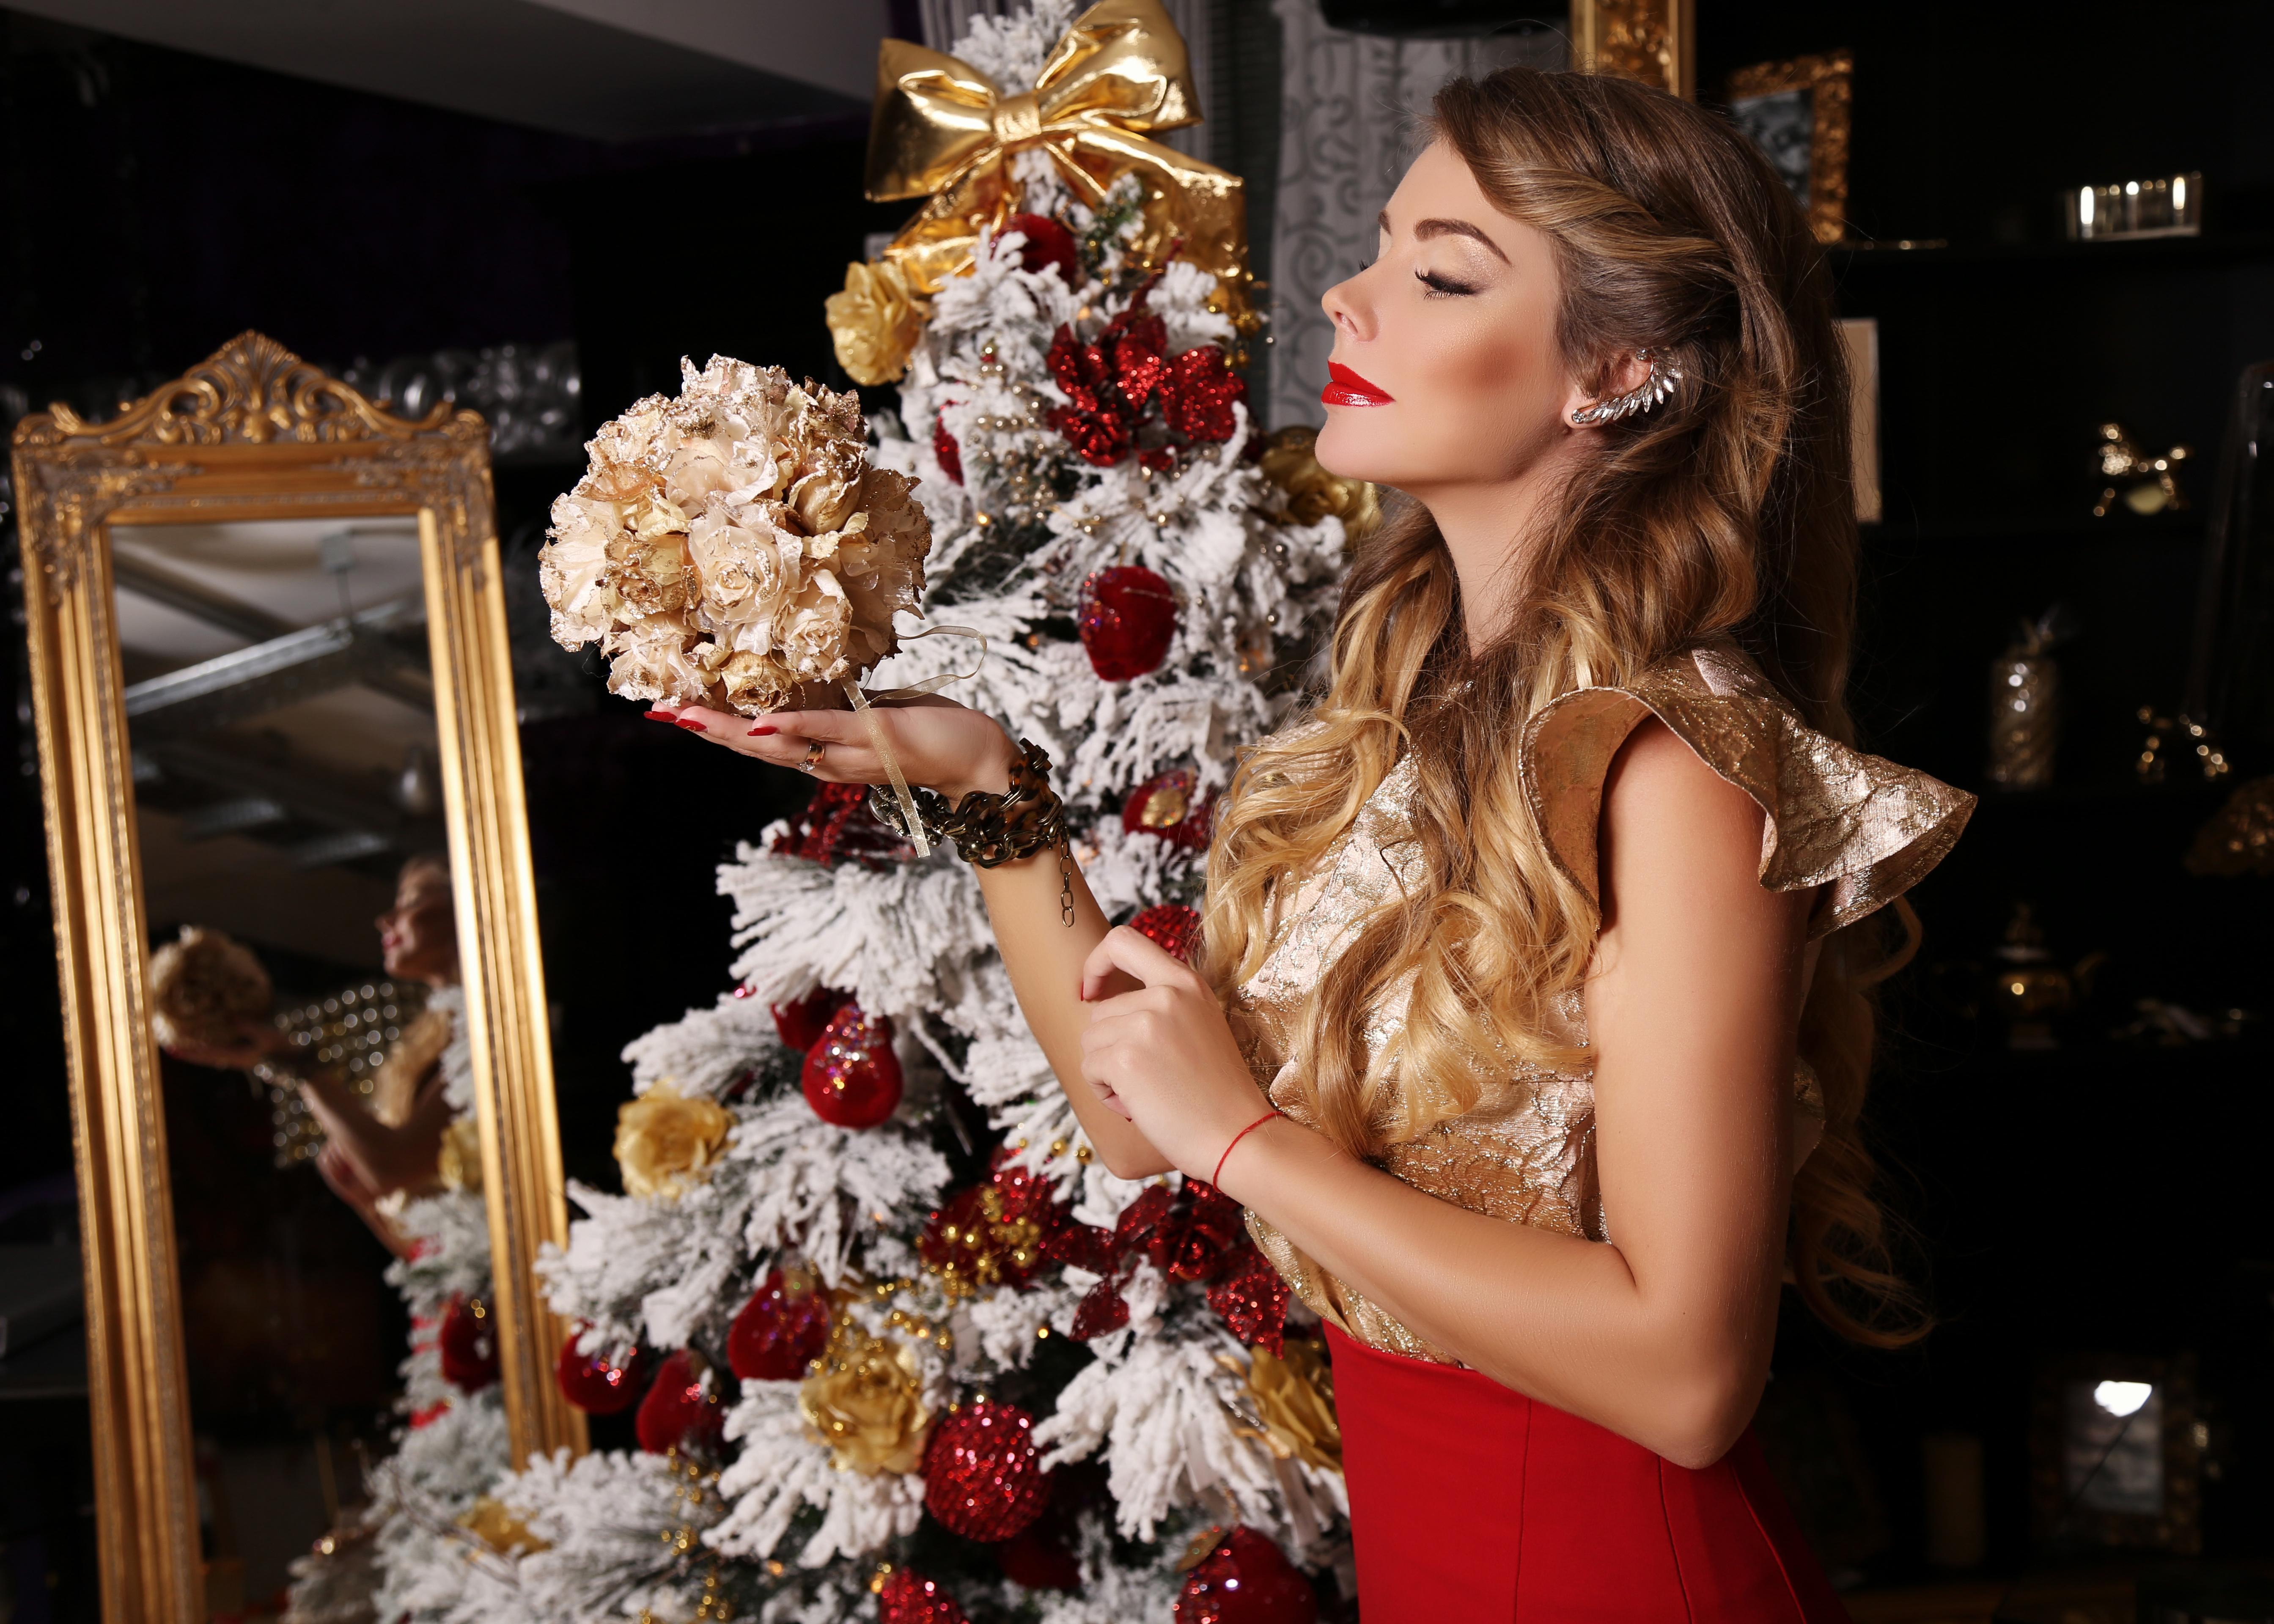 Красивые картинки девушке на новый год